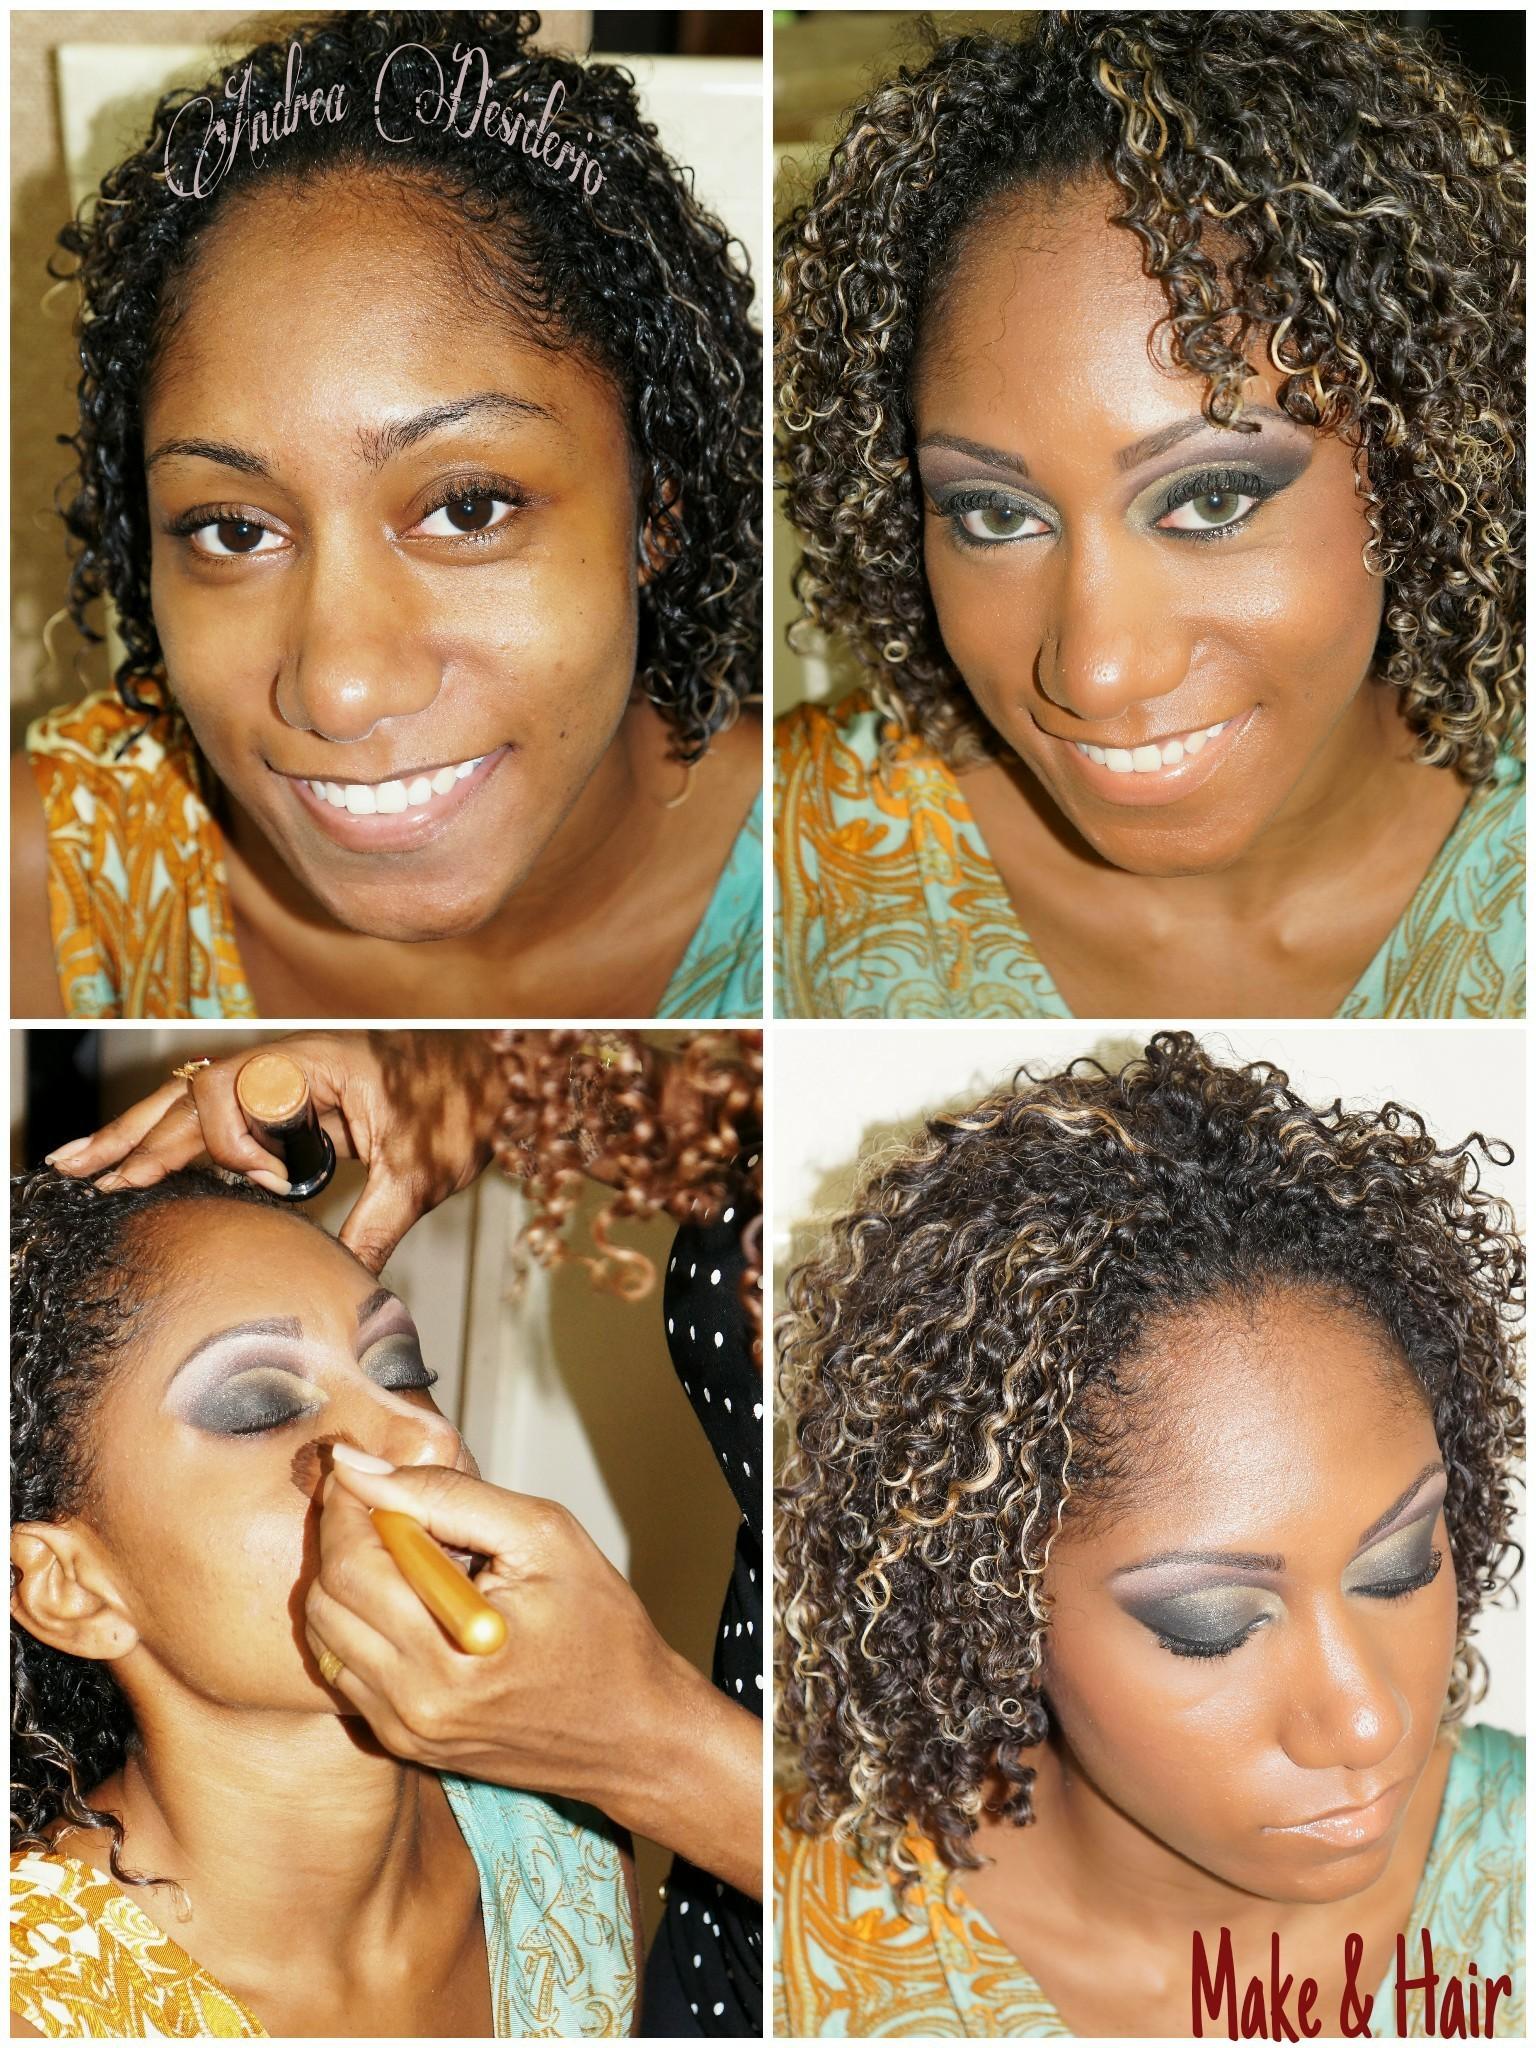 Make e hair Pequena transformação  cabelo  cabeleireiro(a) maquiador(a) designer de sobrancelhas